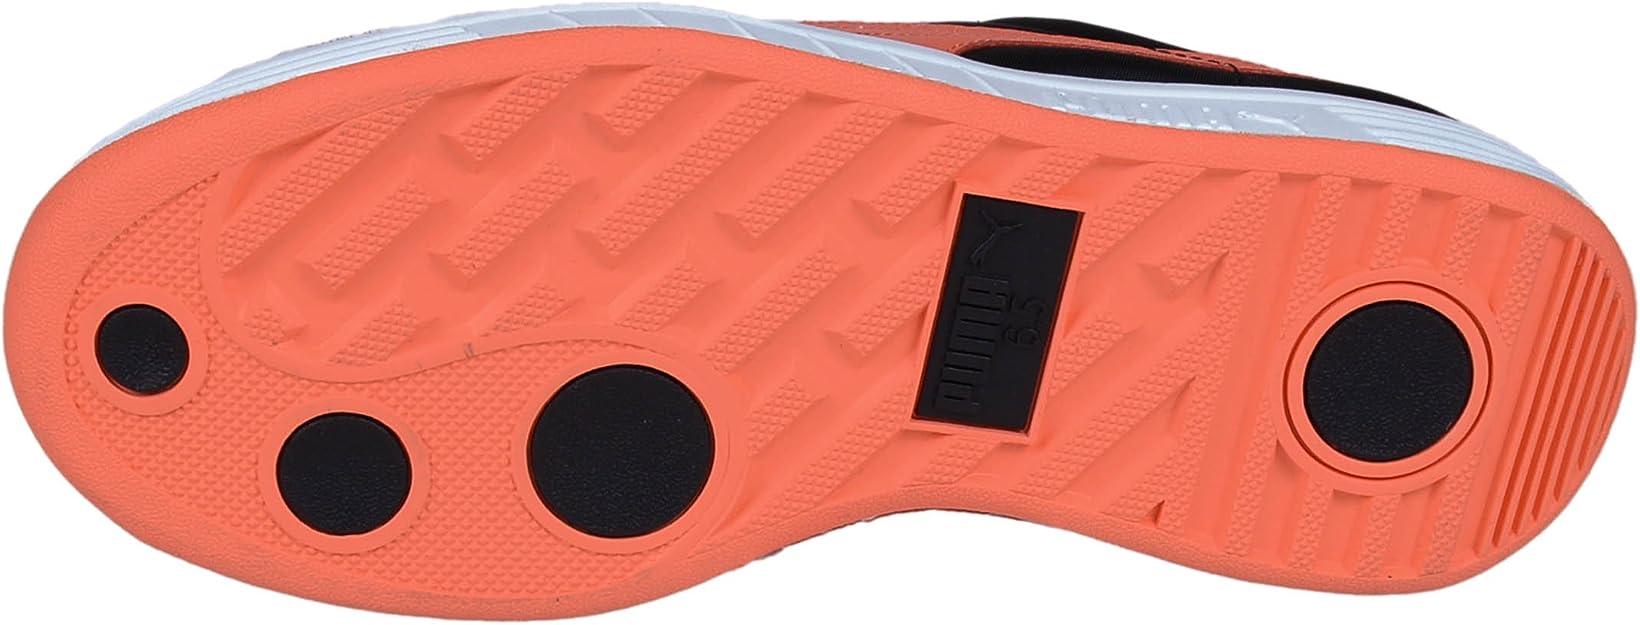 Nike Red/Unvrsty Rd-SL-blk, Zapatillas de Baloncesto para Niños ...